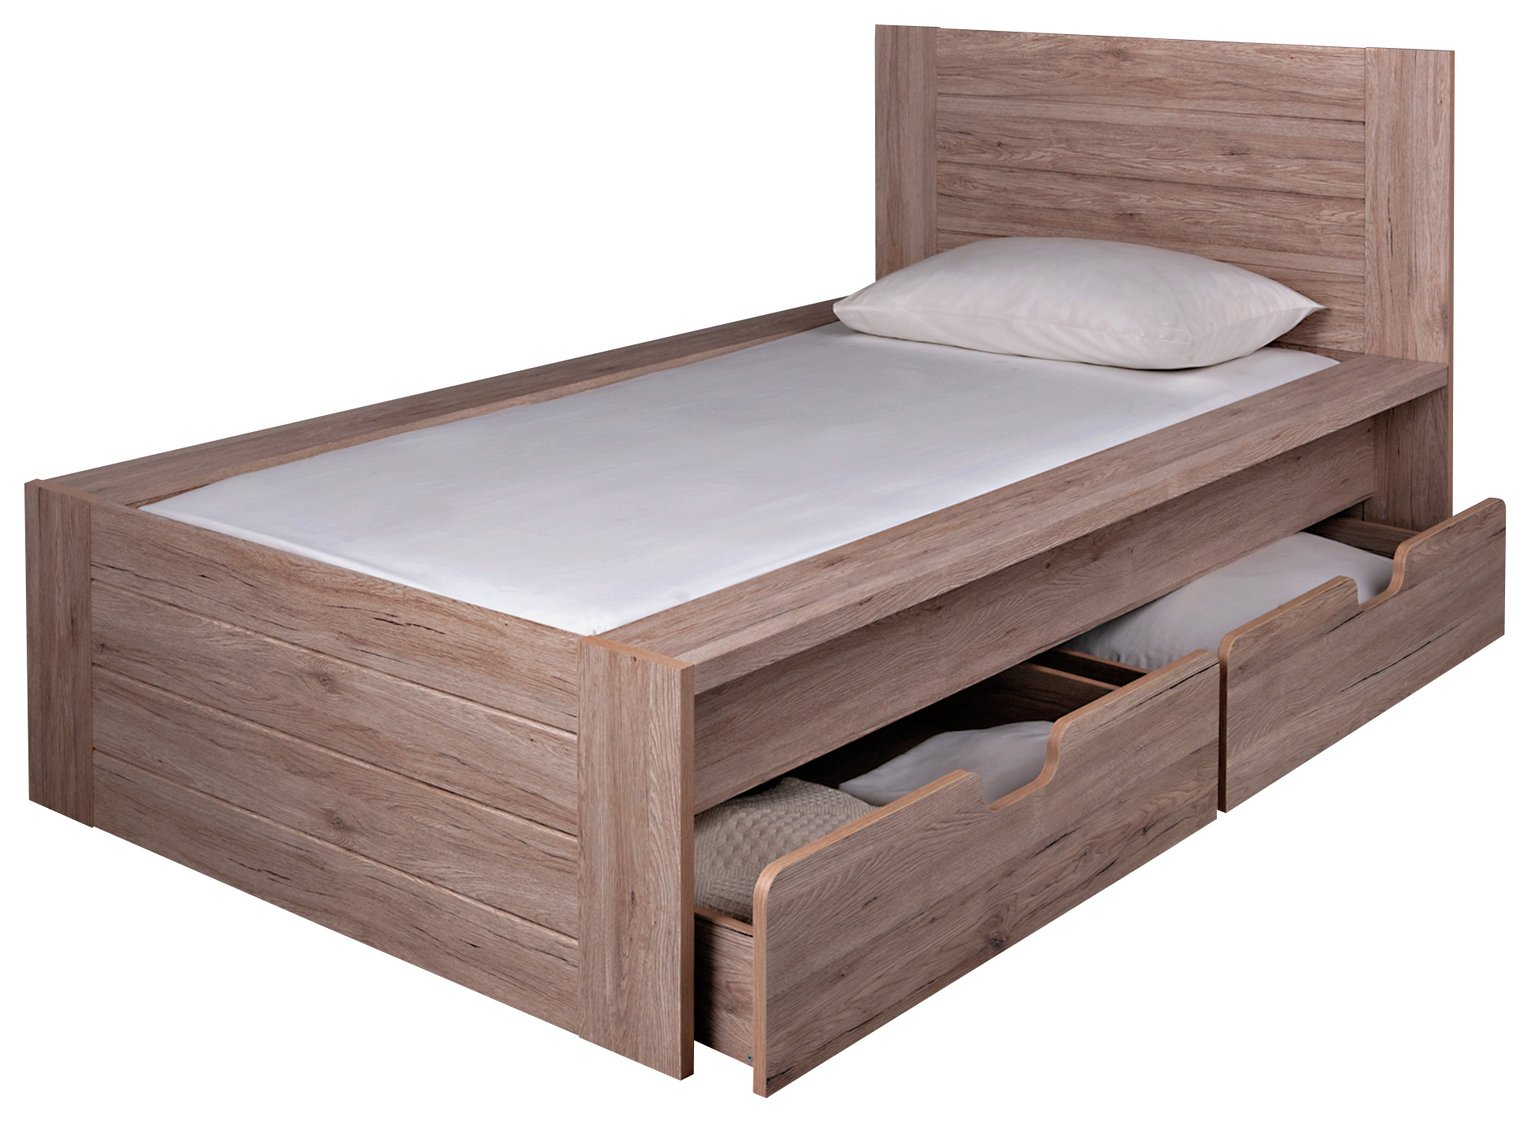 Argos Home Seattle Warm Oak Single Bed